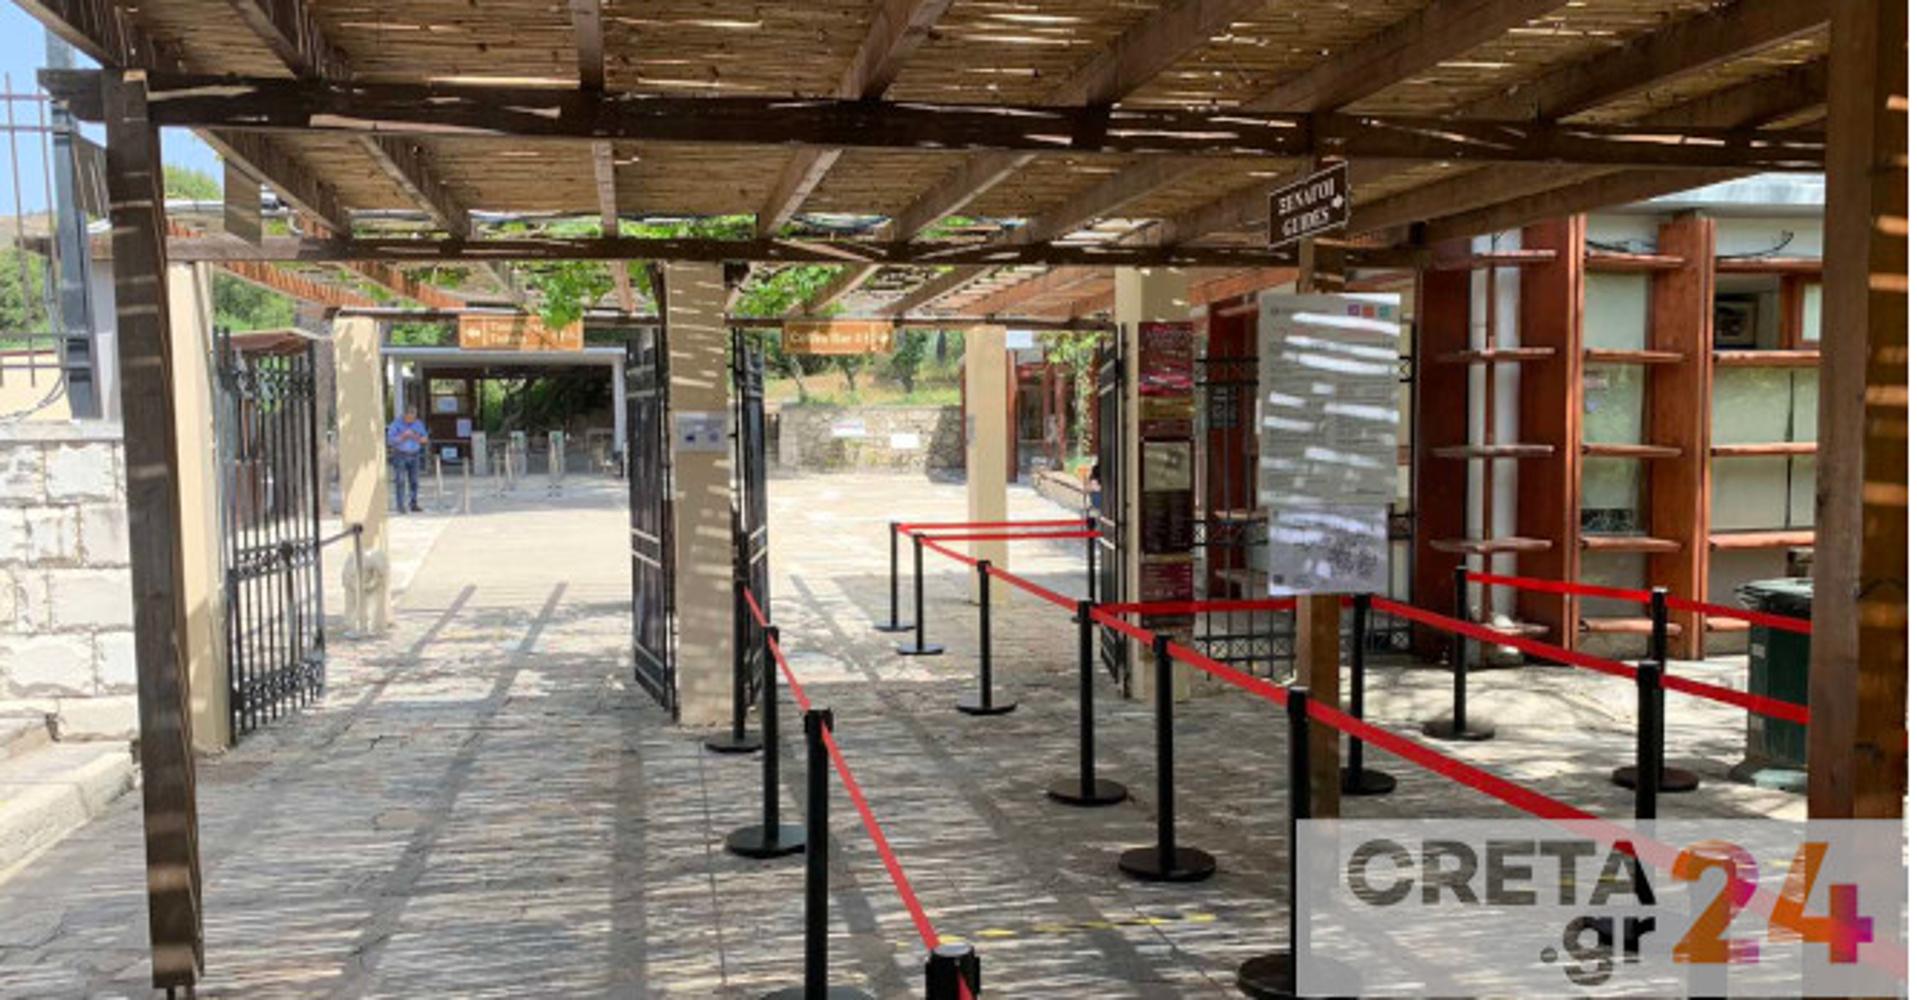 Ηράκλειο: Κλειστή λόγω κρουσμάτων κορονοϊού η Κνωσός